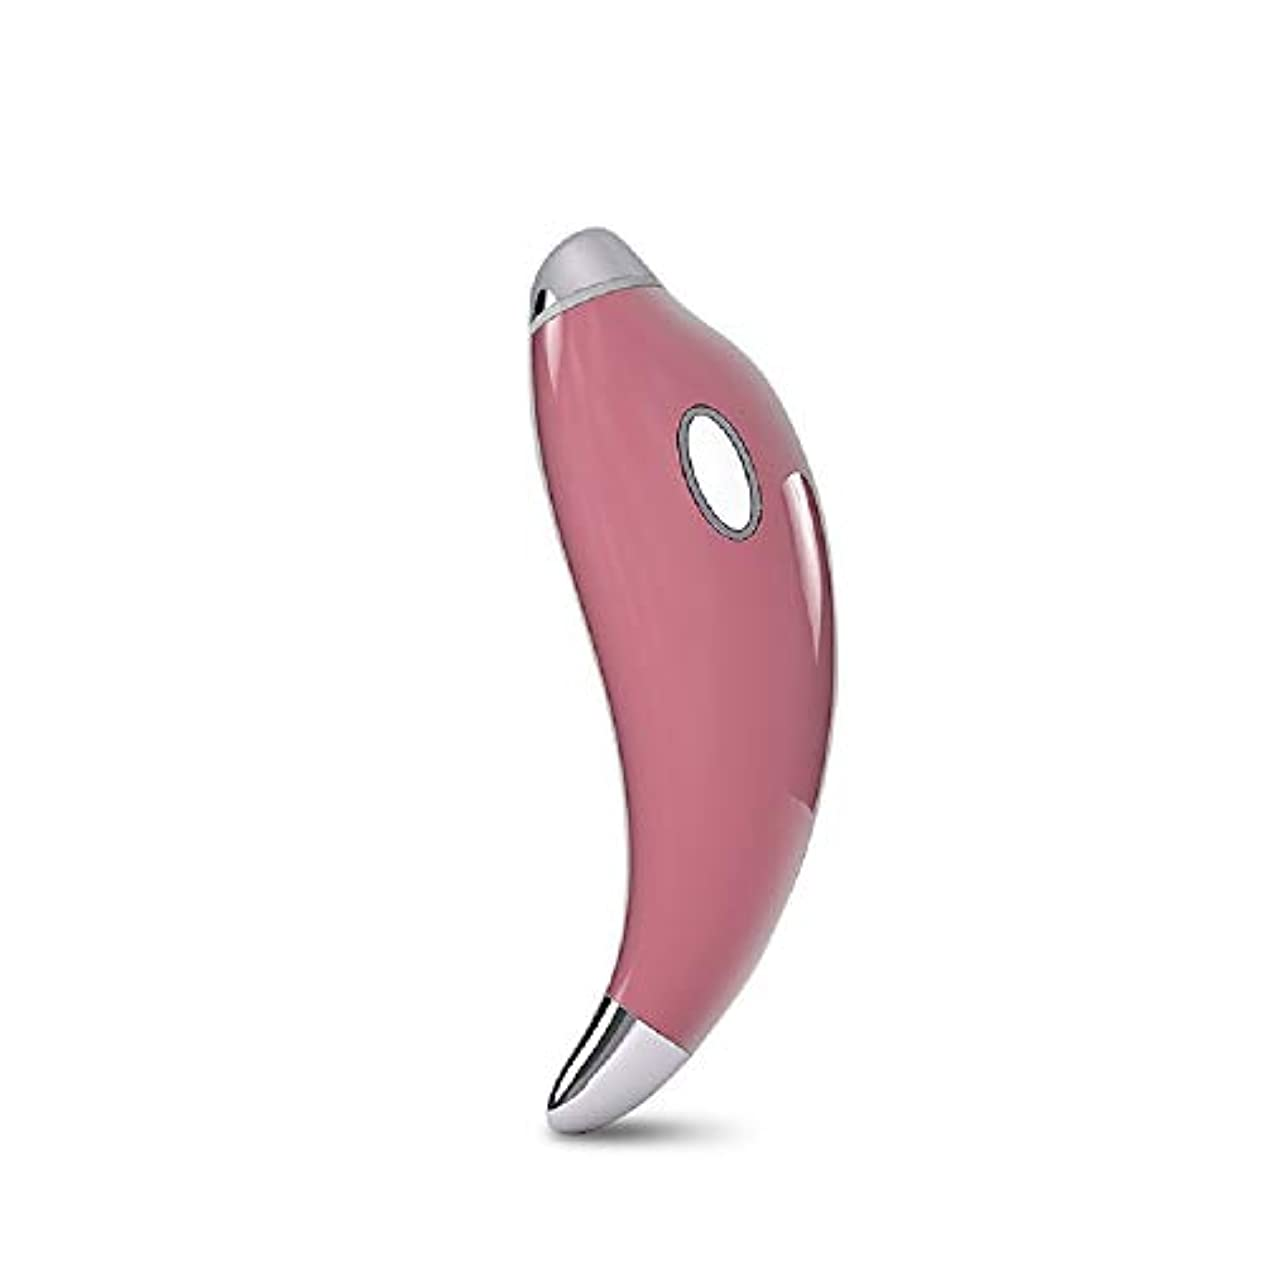 論文コモランマ遵守するGf ファッショントレンド高度なインテリジェントホットマジックワンド、しわ防止イオンイオントリートメントアイマッサージスティック 購入へようこそ (Color : Pink)